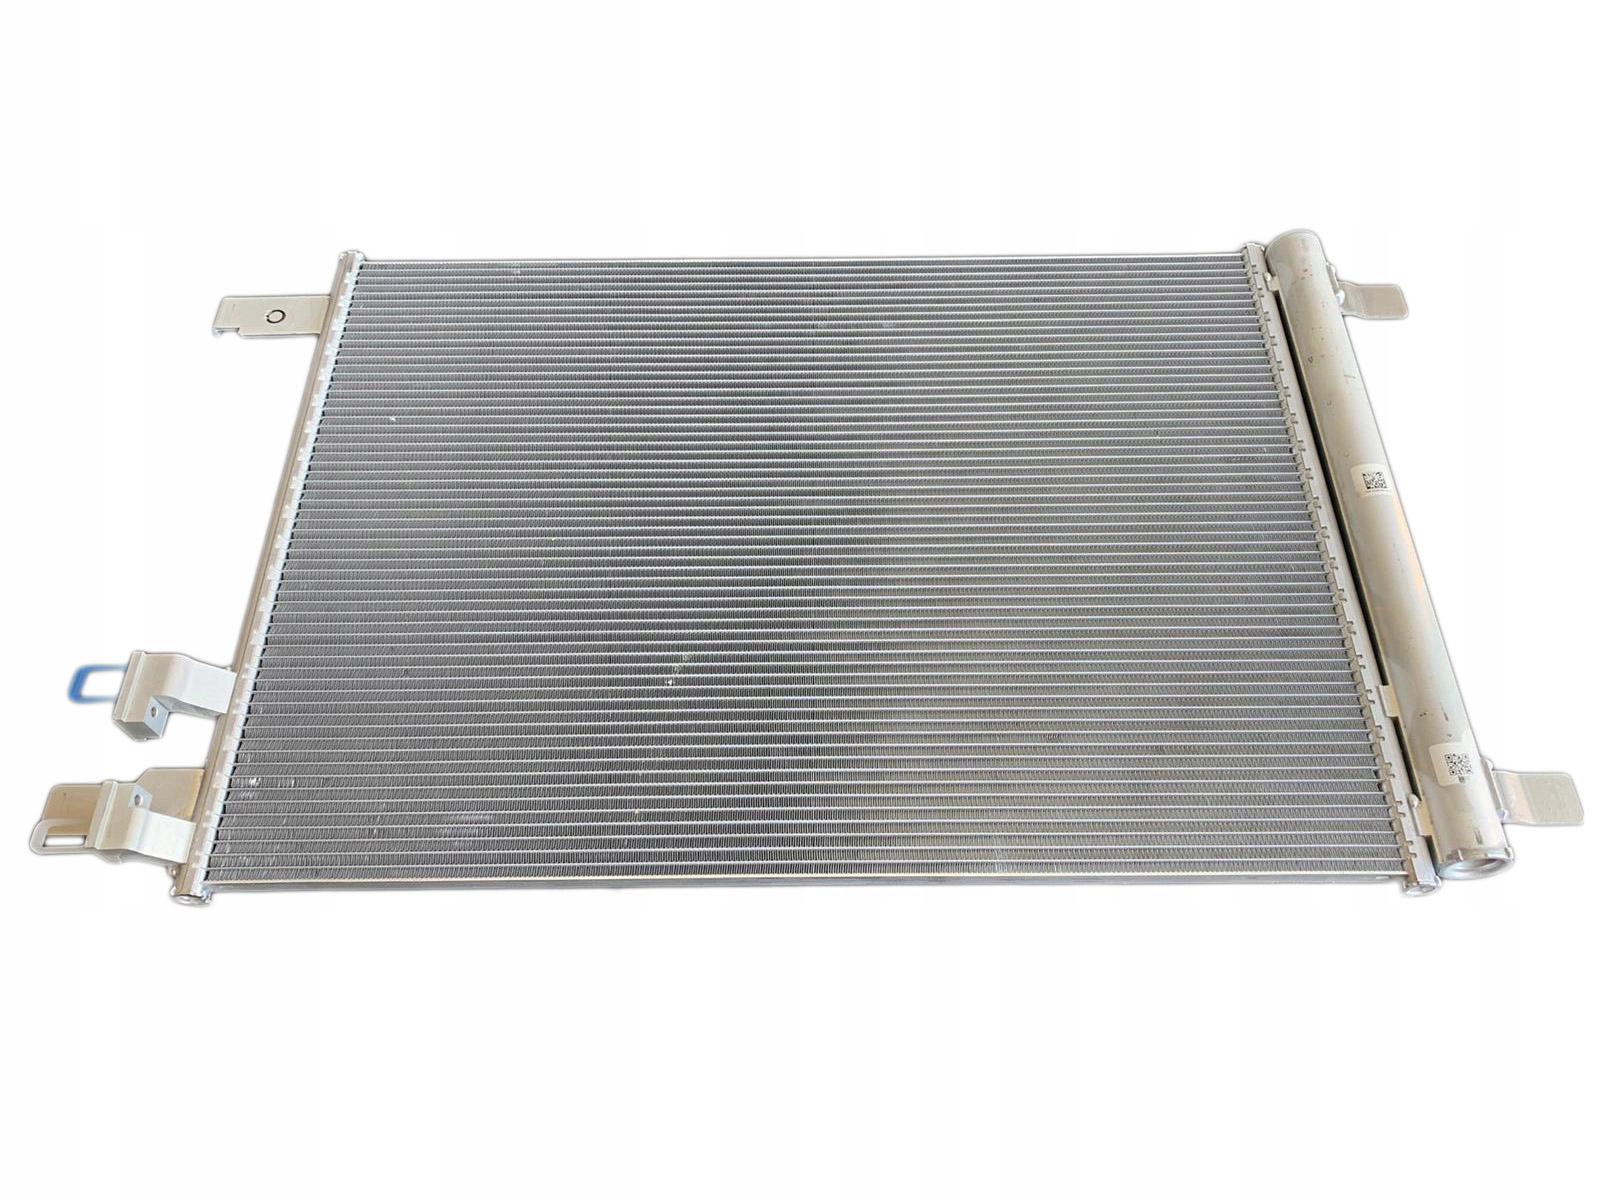 радиатор кондиционирования воздуха 5wa816411a octavia a1 fabia